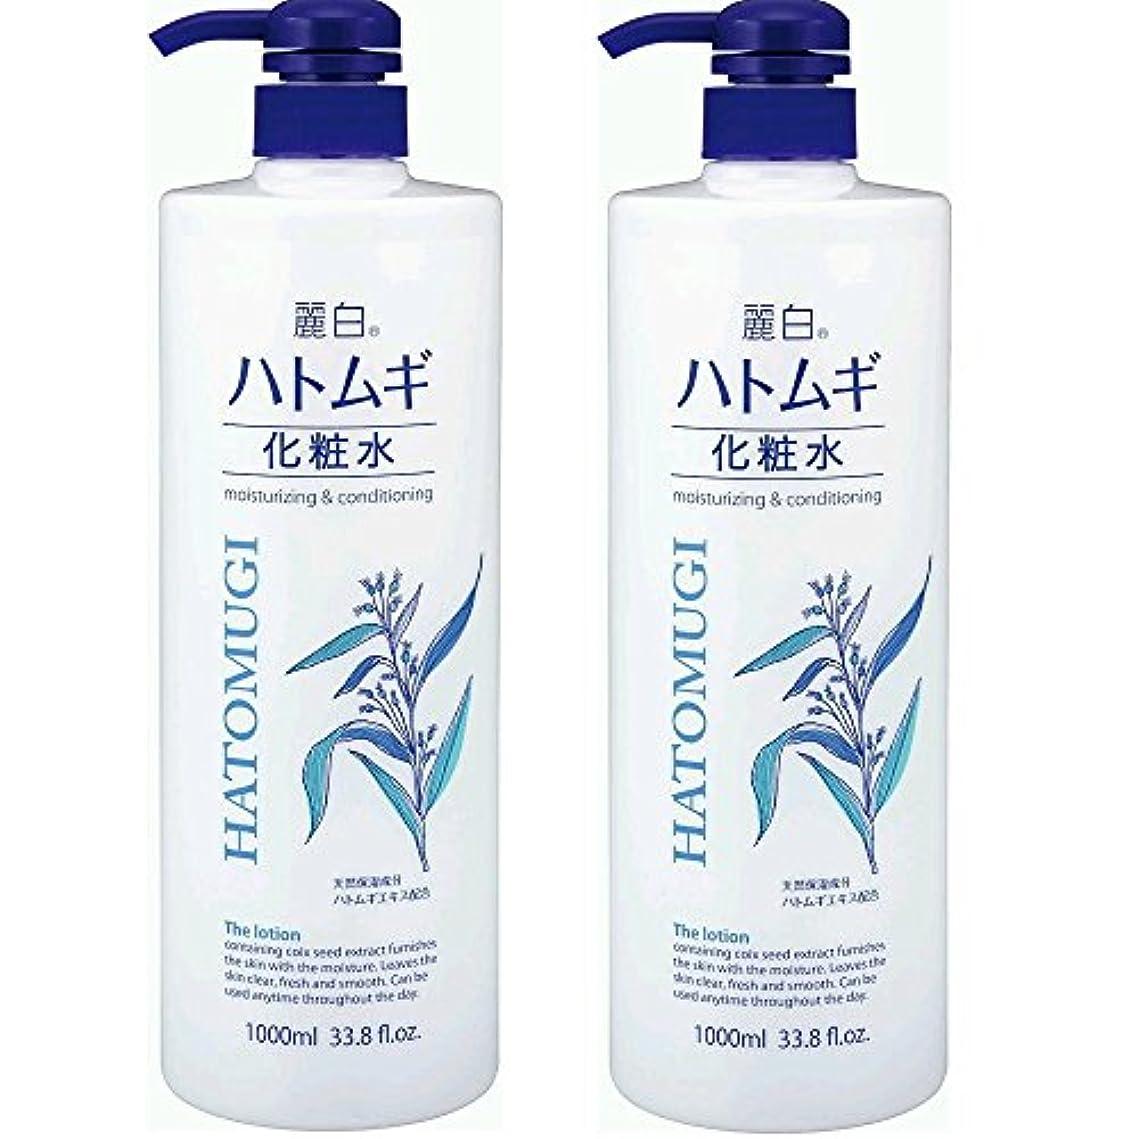 ダンプモジュール変色する麗白 ハトムギ化粧水 本体 大容量サイズ 1000ml 2本セット